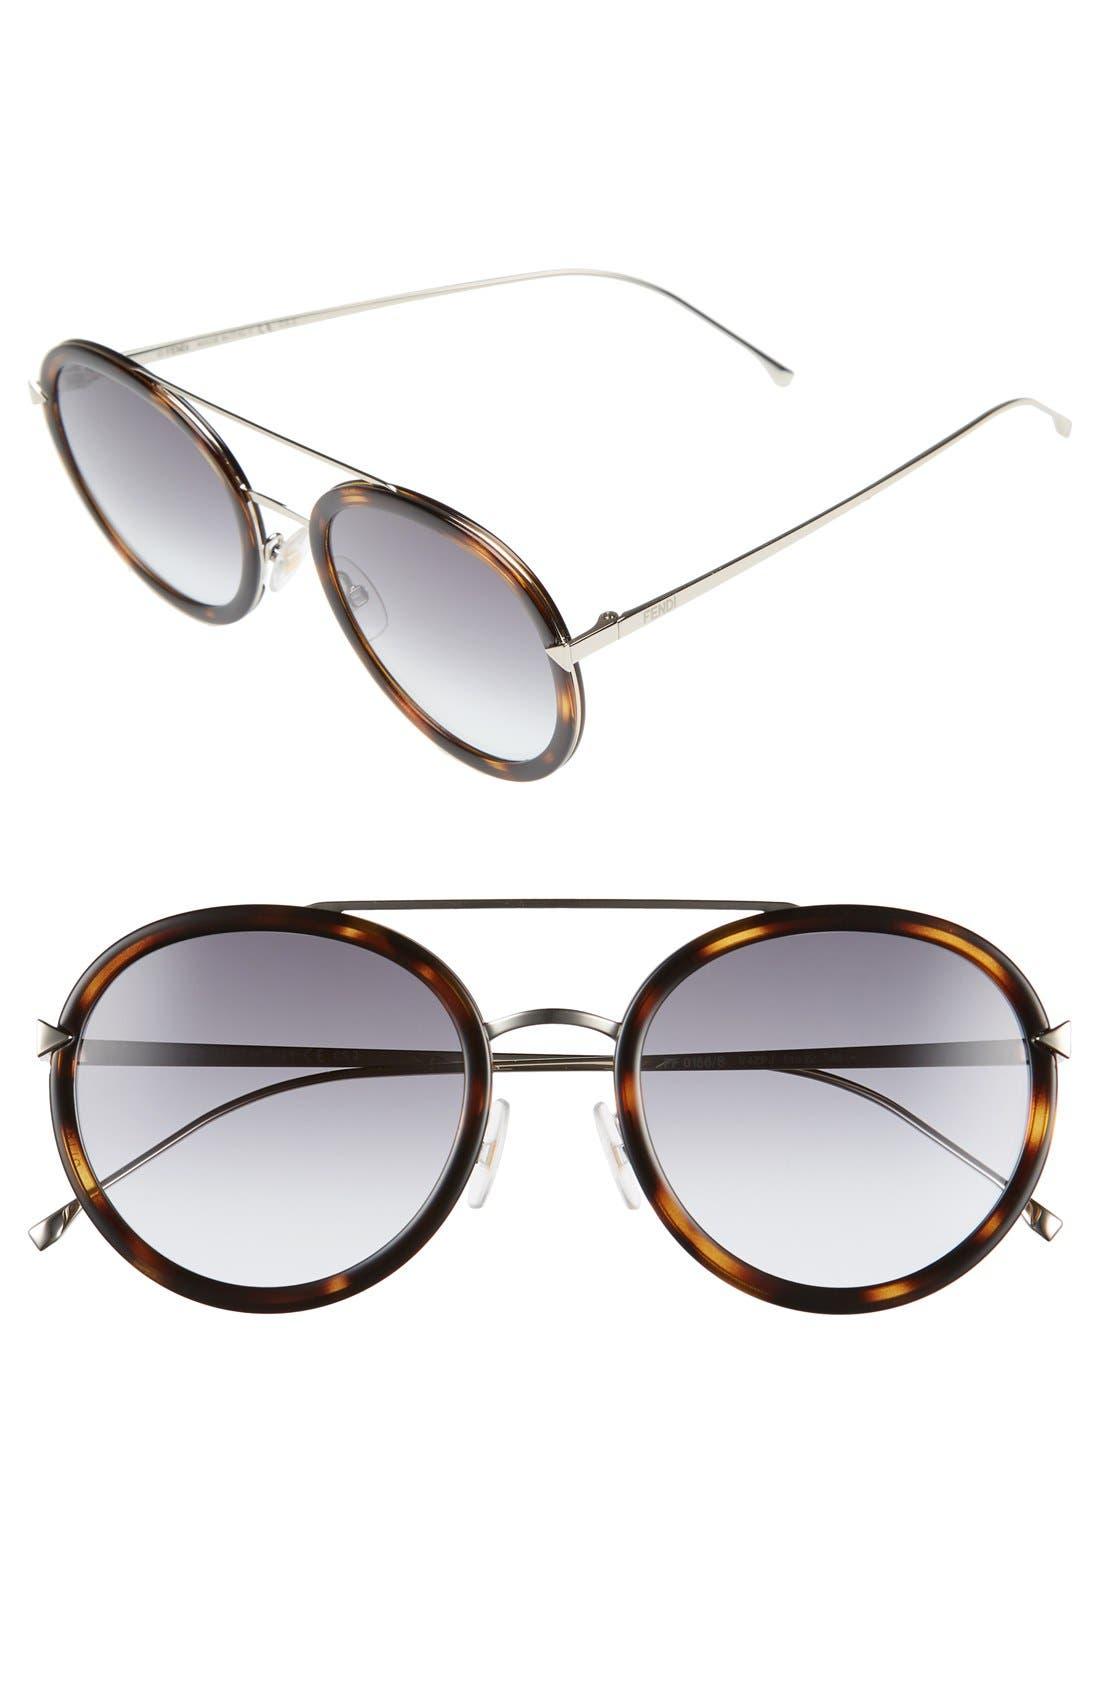 Fendi 51mm Round Aviator Sunglasses